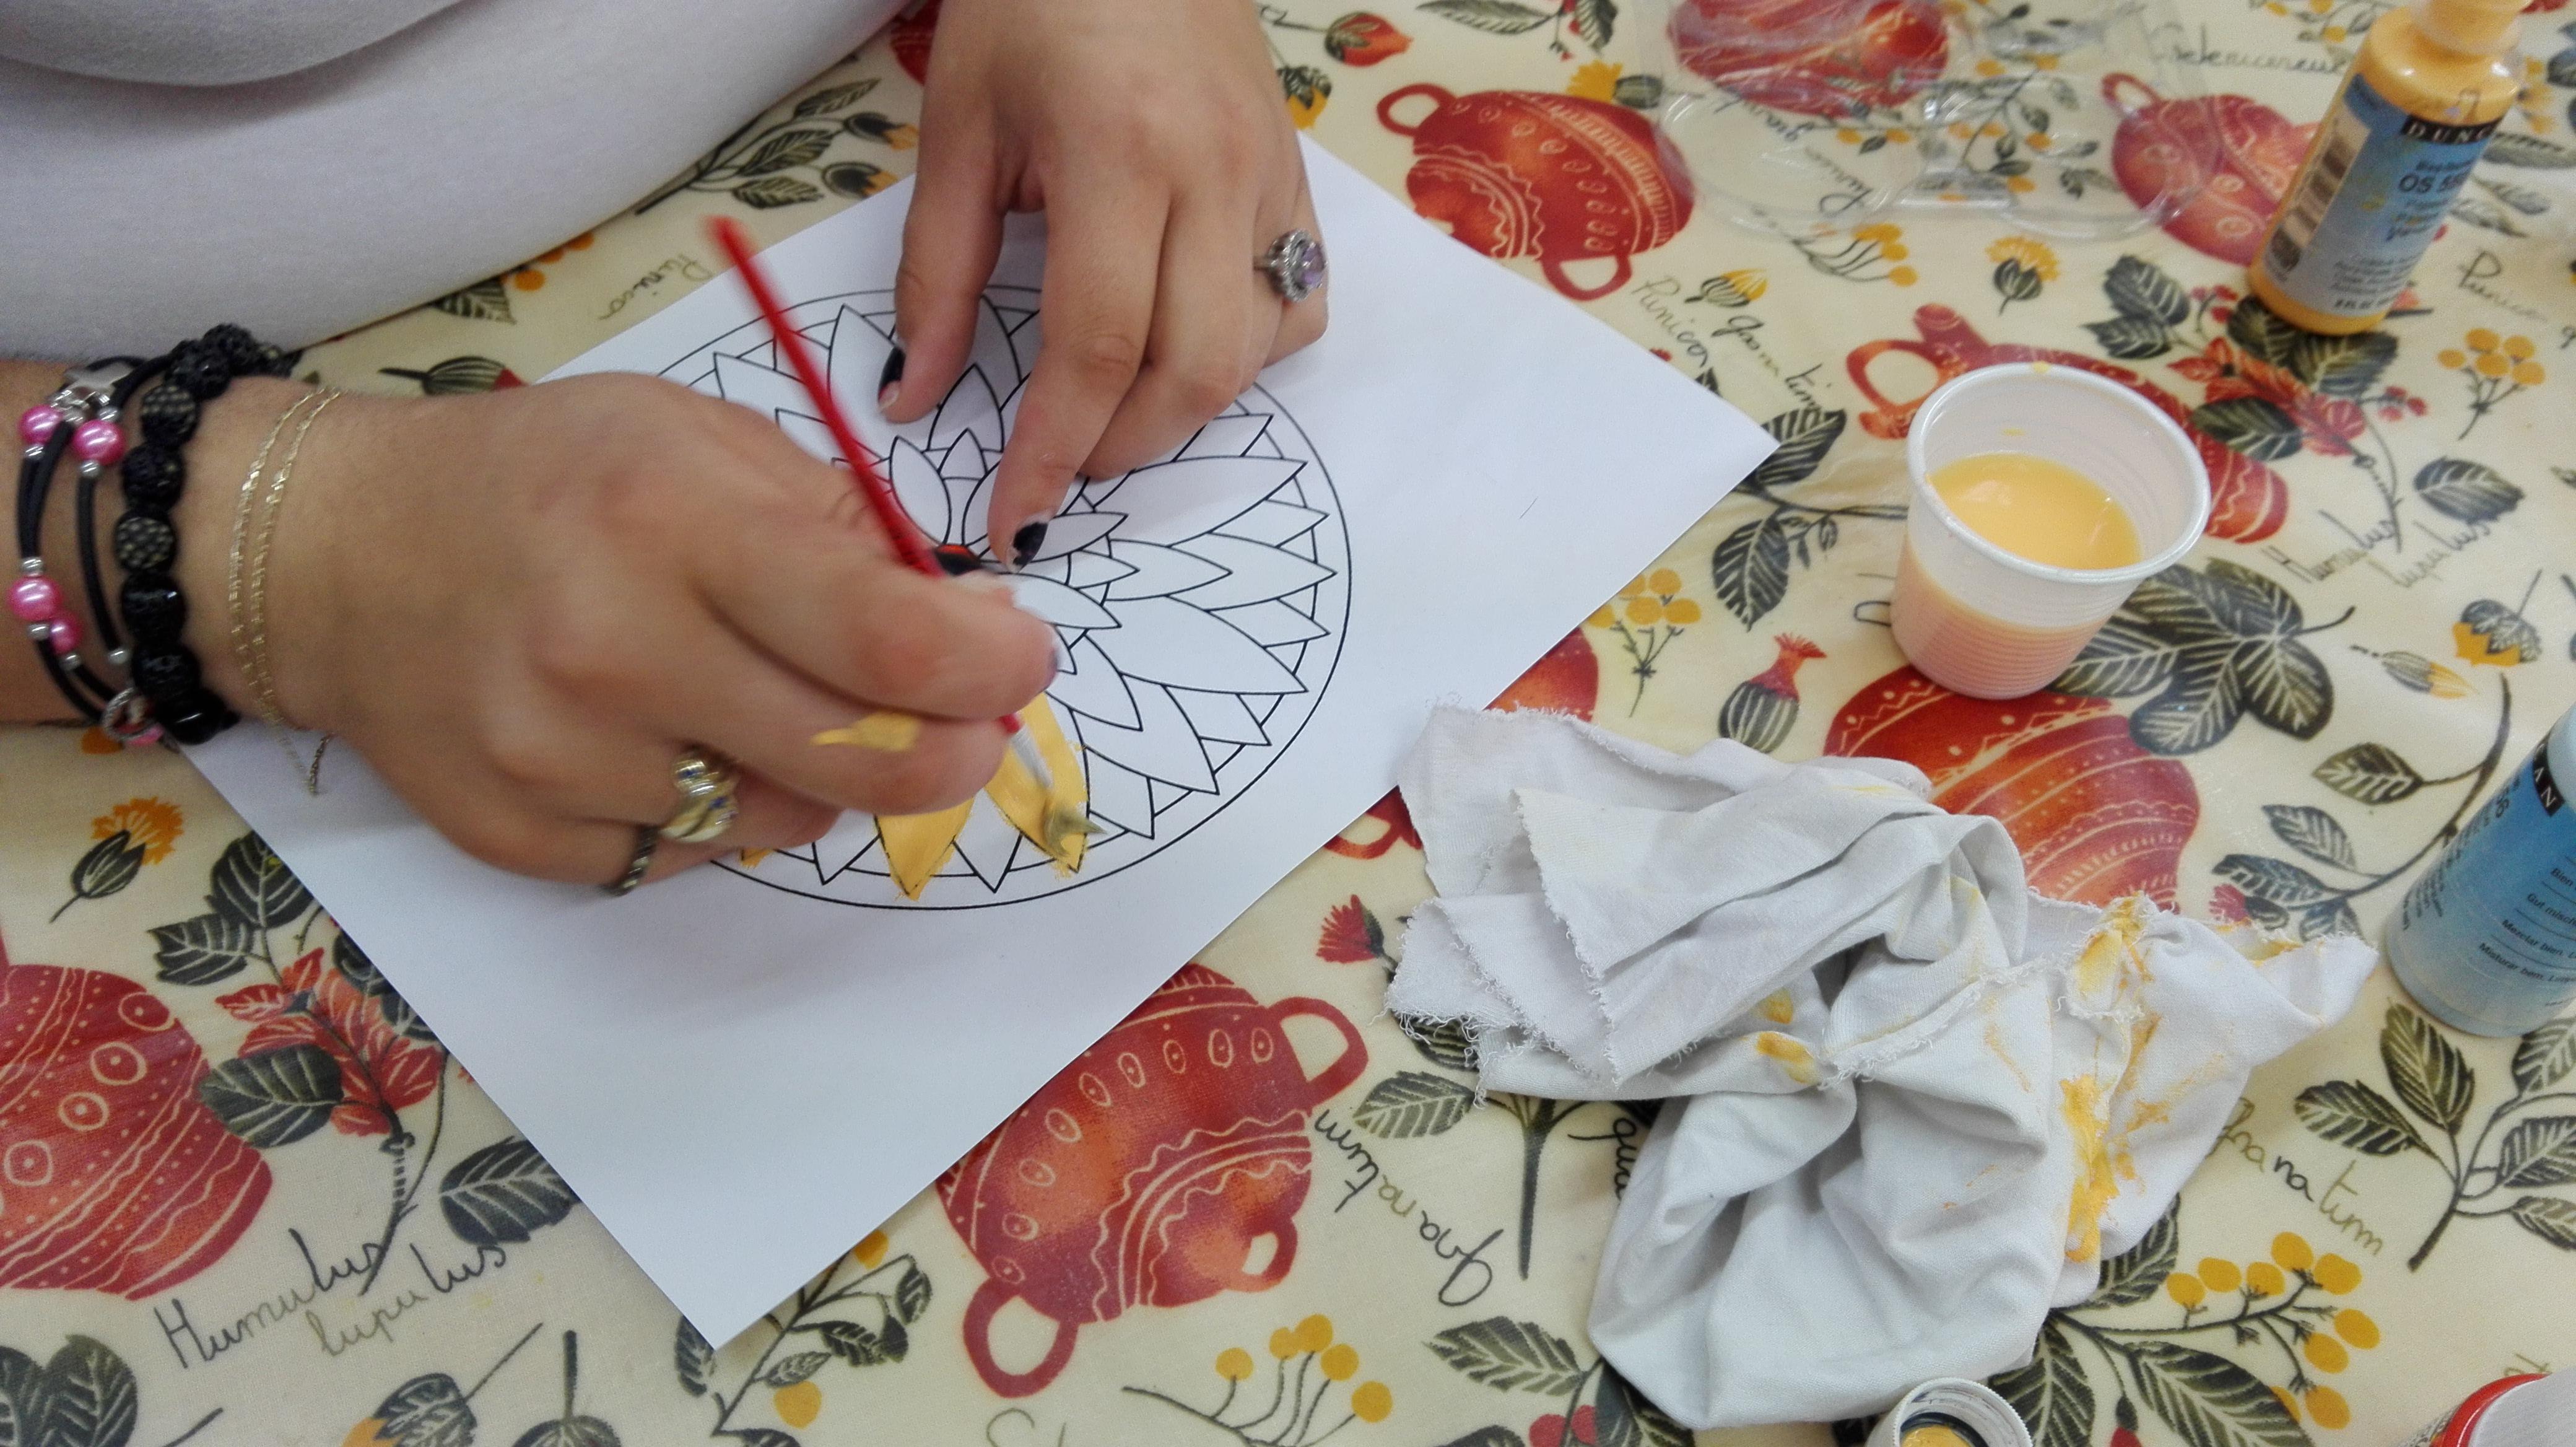 El arte de pintar mándalas